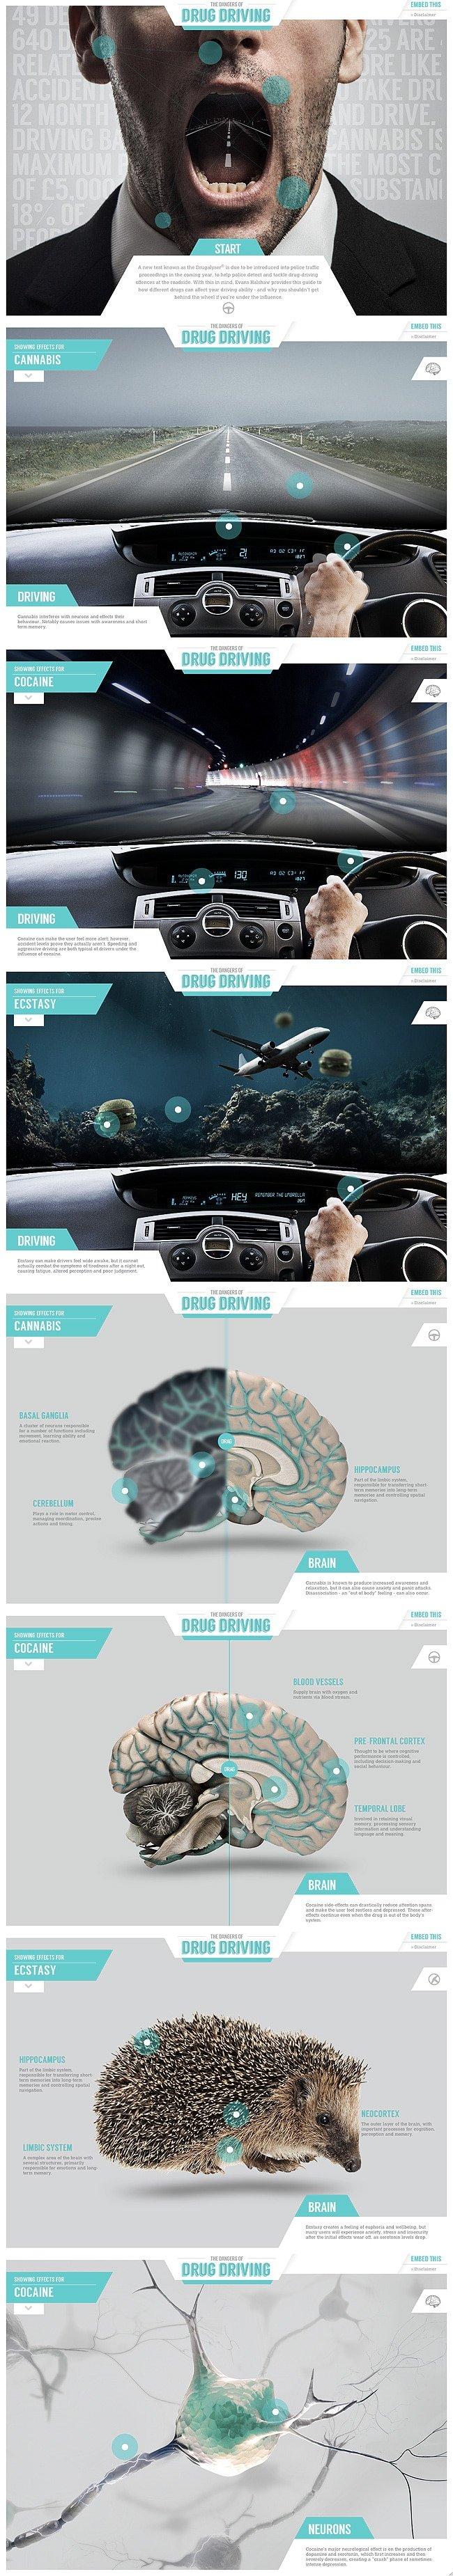 Info-graphic Interactive Website